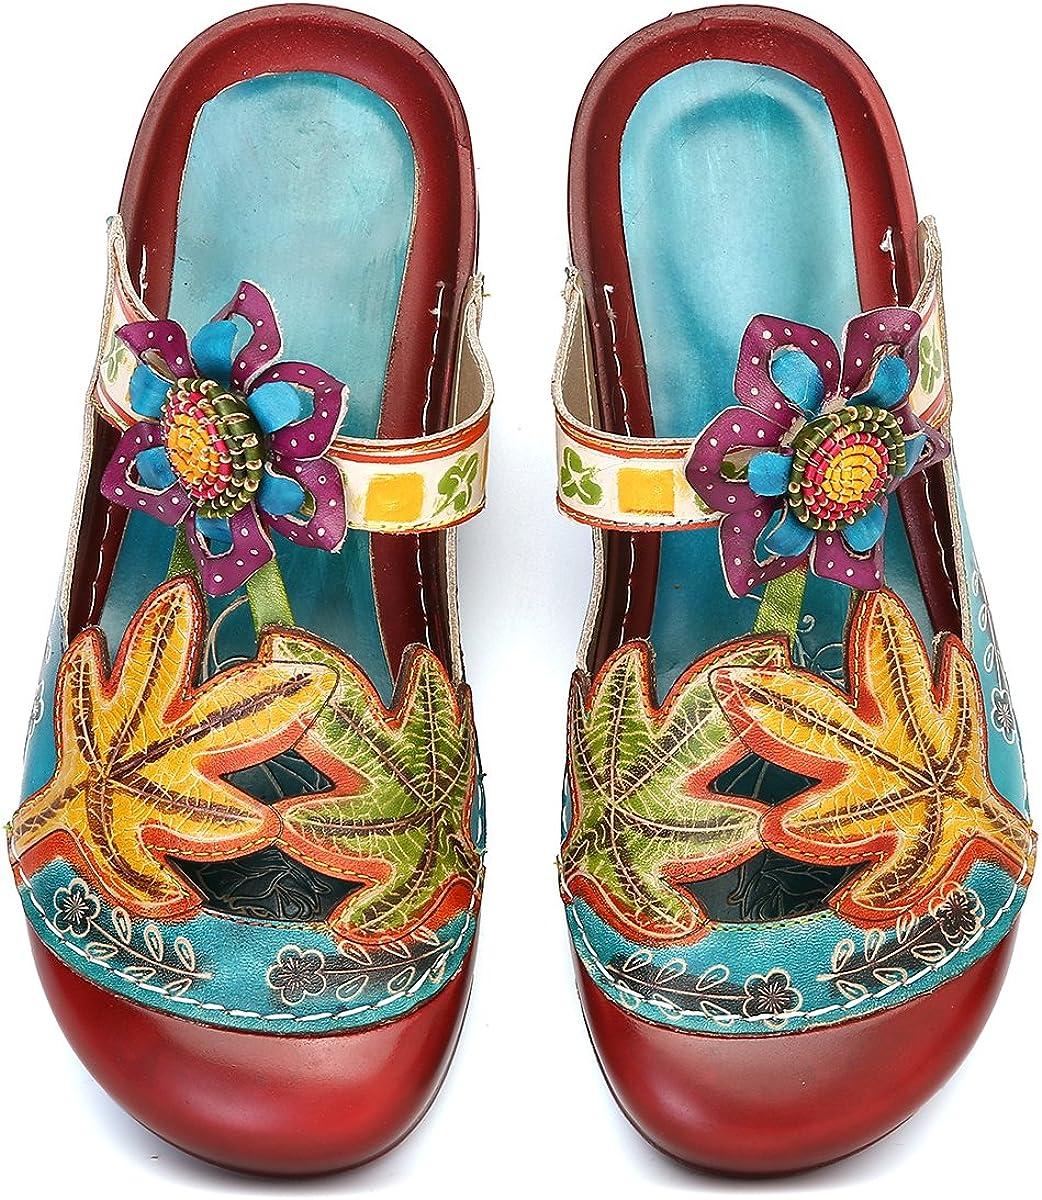 Gracosy Sabots Cuir Femmes Chaussures /Ét/é Sandales Mules Plage Clogs /à Talons Plats Confortable Plateforme Originales Boh/ème Color/ées pour Pieds Larges Bleu Rouge